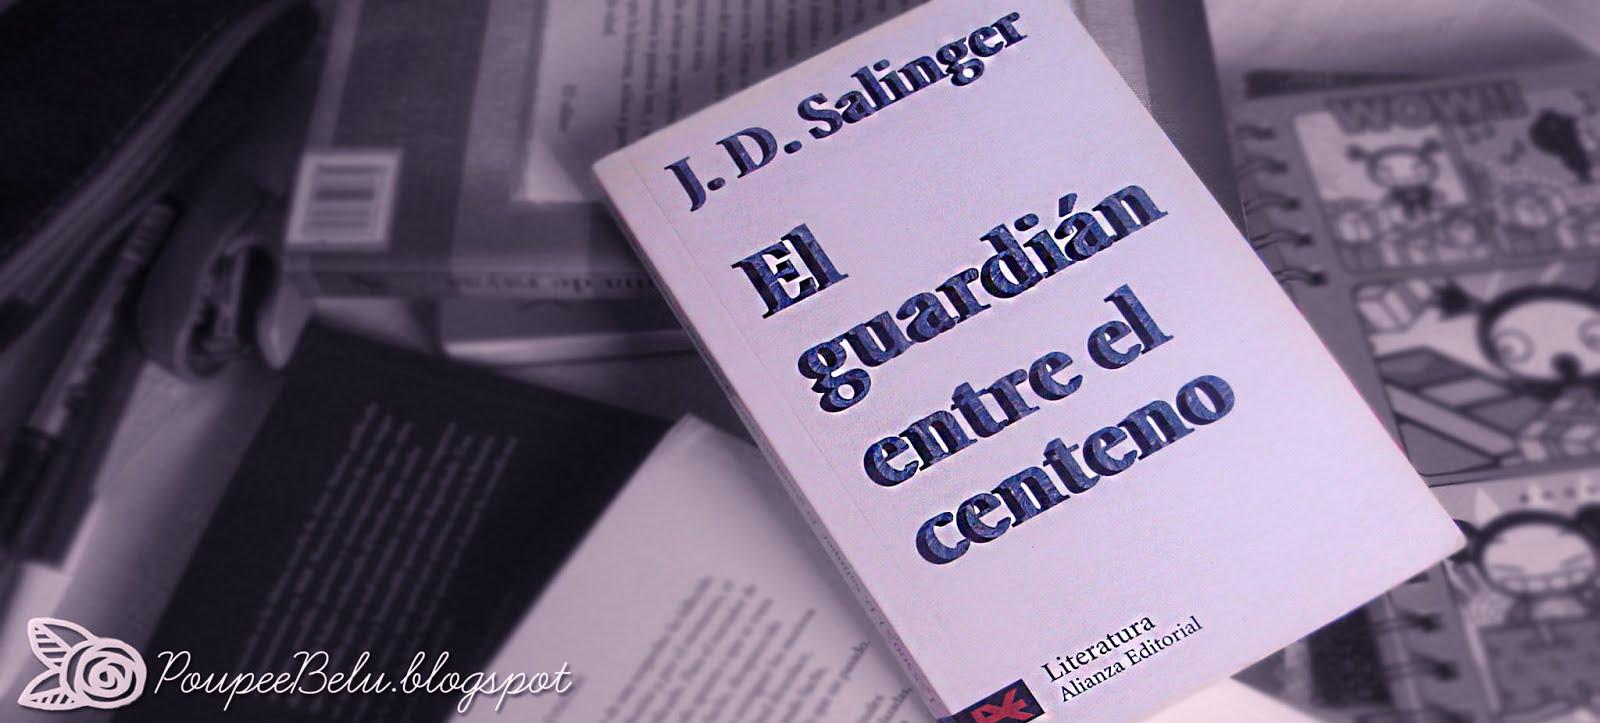 Titulo: El guardián entre el centeno. Autor: J.D. Salinger Editorial:  Alianza (publicado por primera vez en 1951) Paginas: (edición de bolsillo)  226 pag.